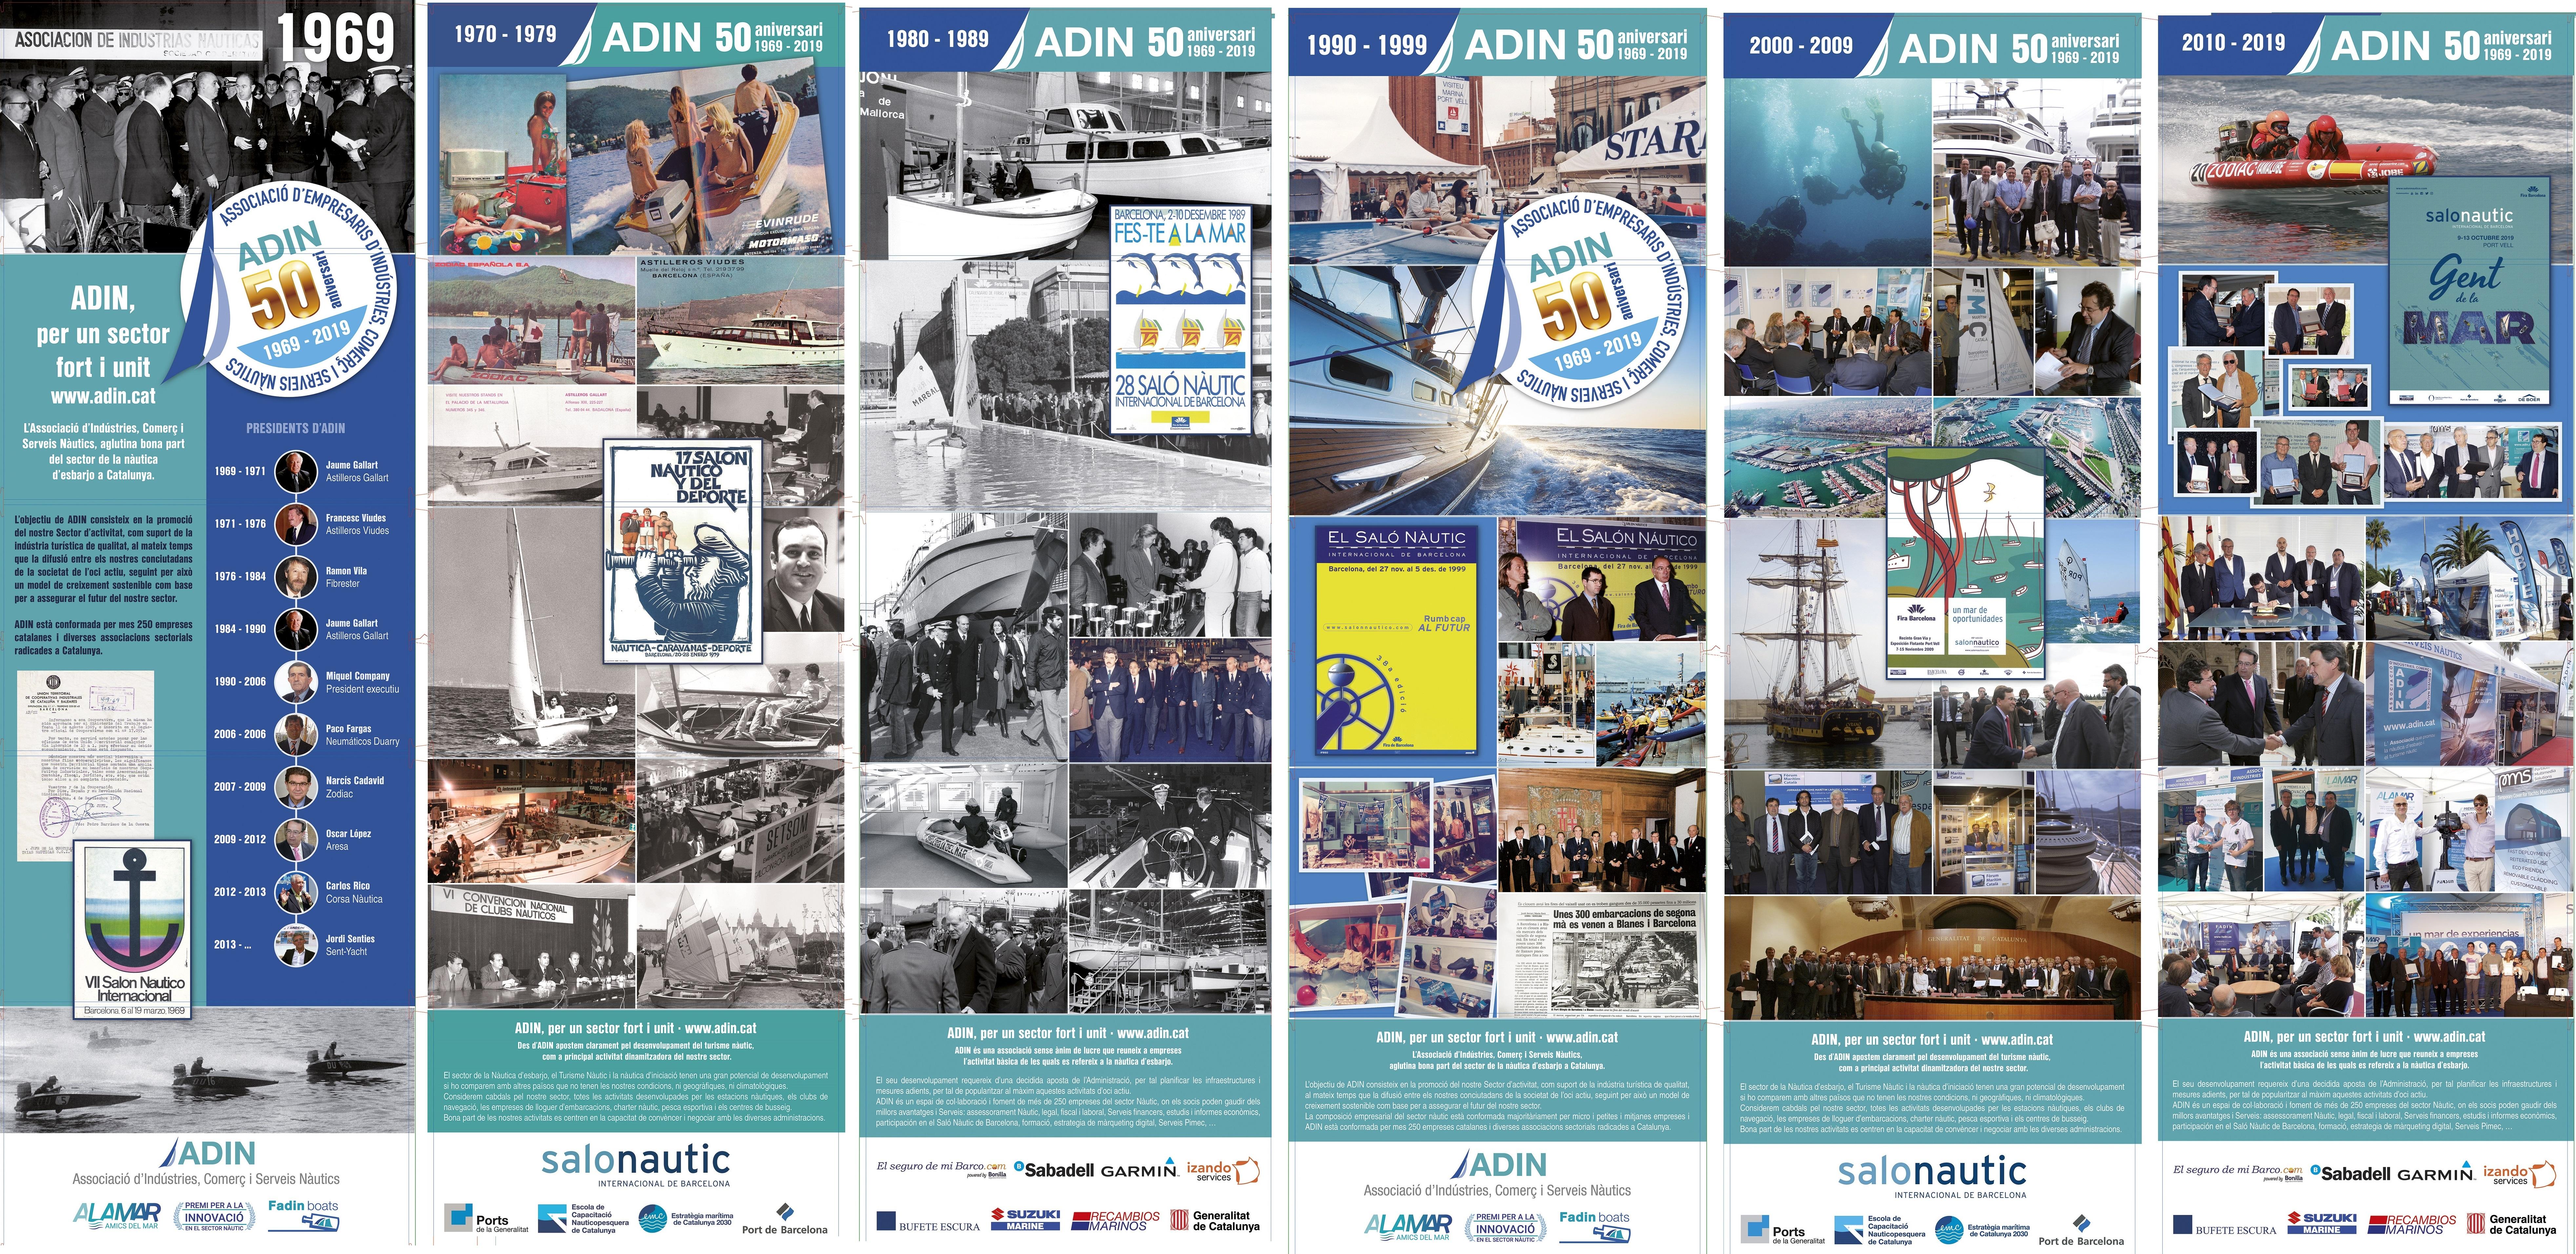 Les exposicions fotogràfiques del 50è Aniversari d'ADIN continuen la seva tourné pel litoral català